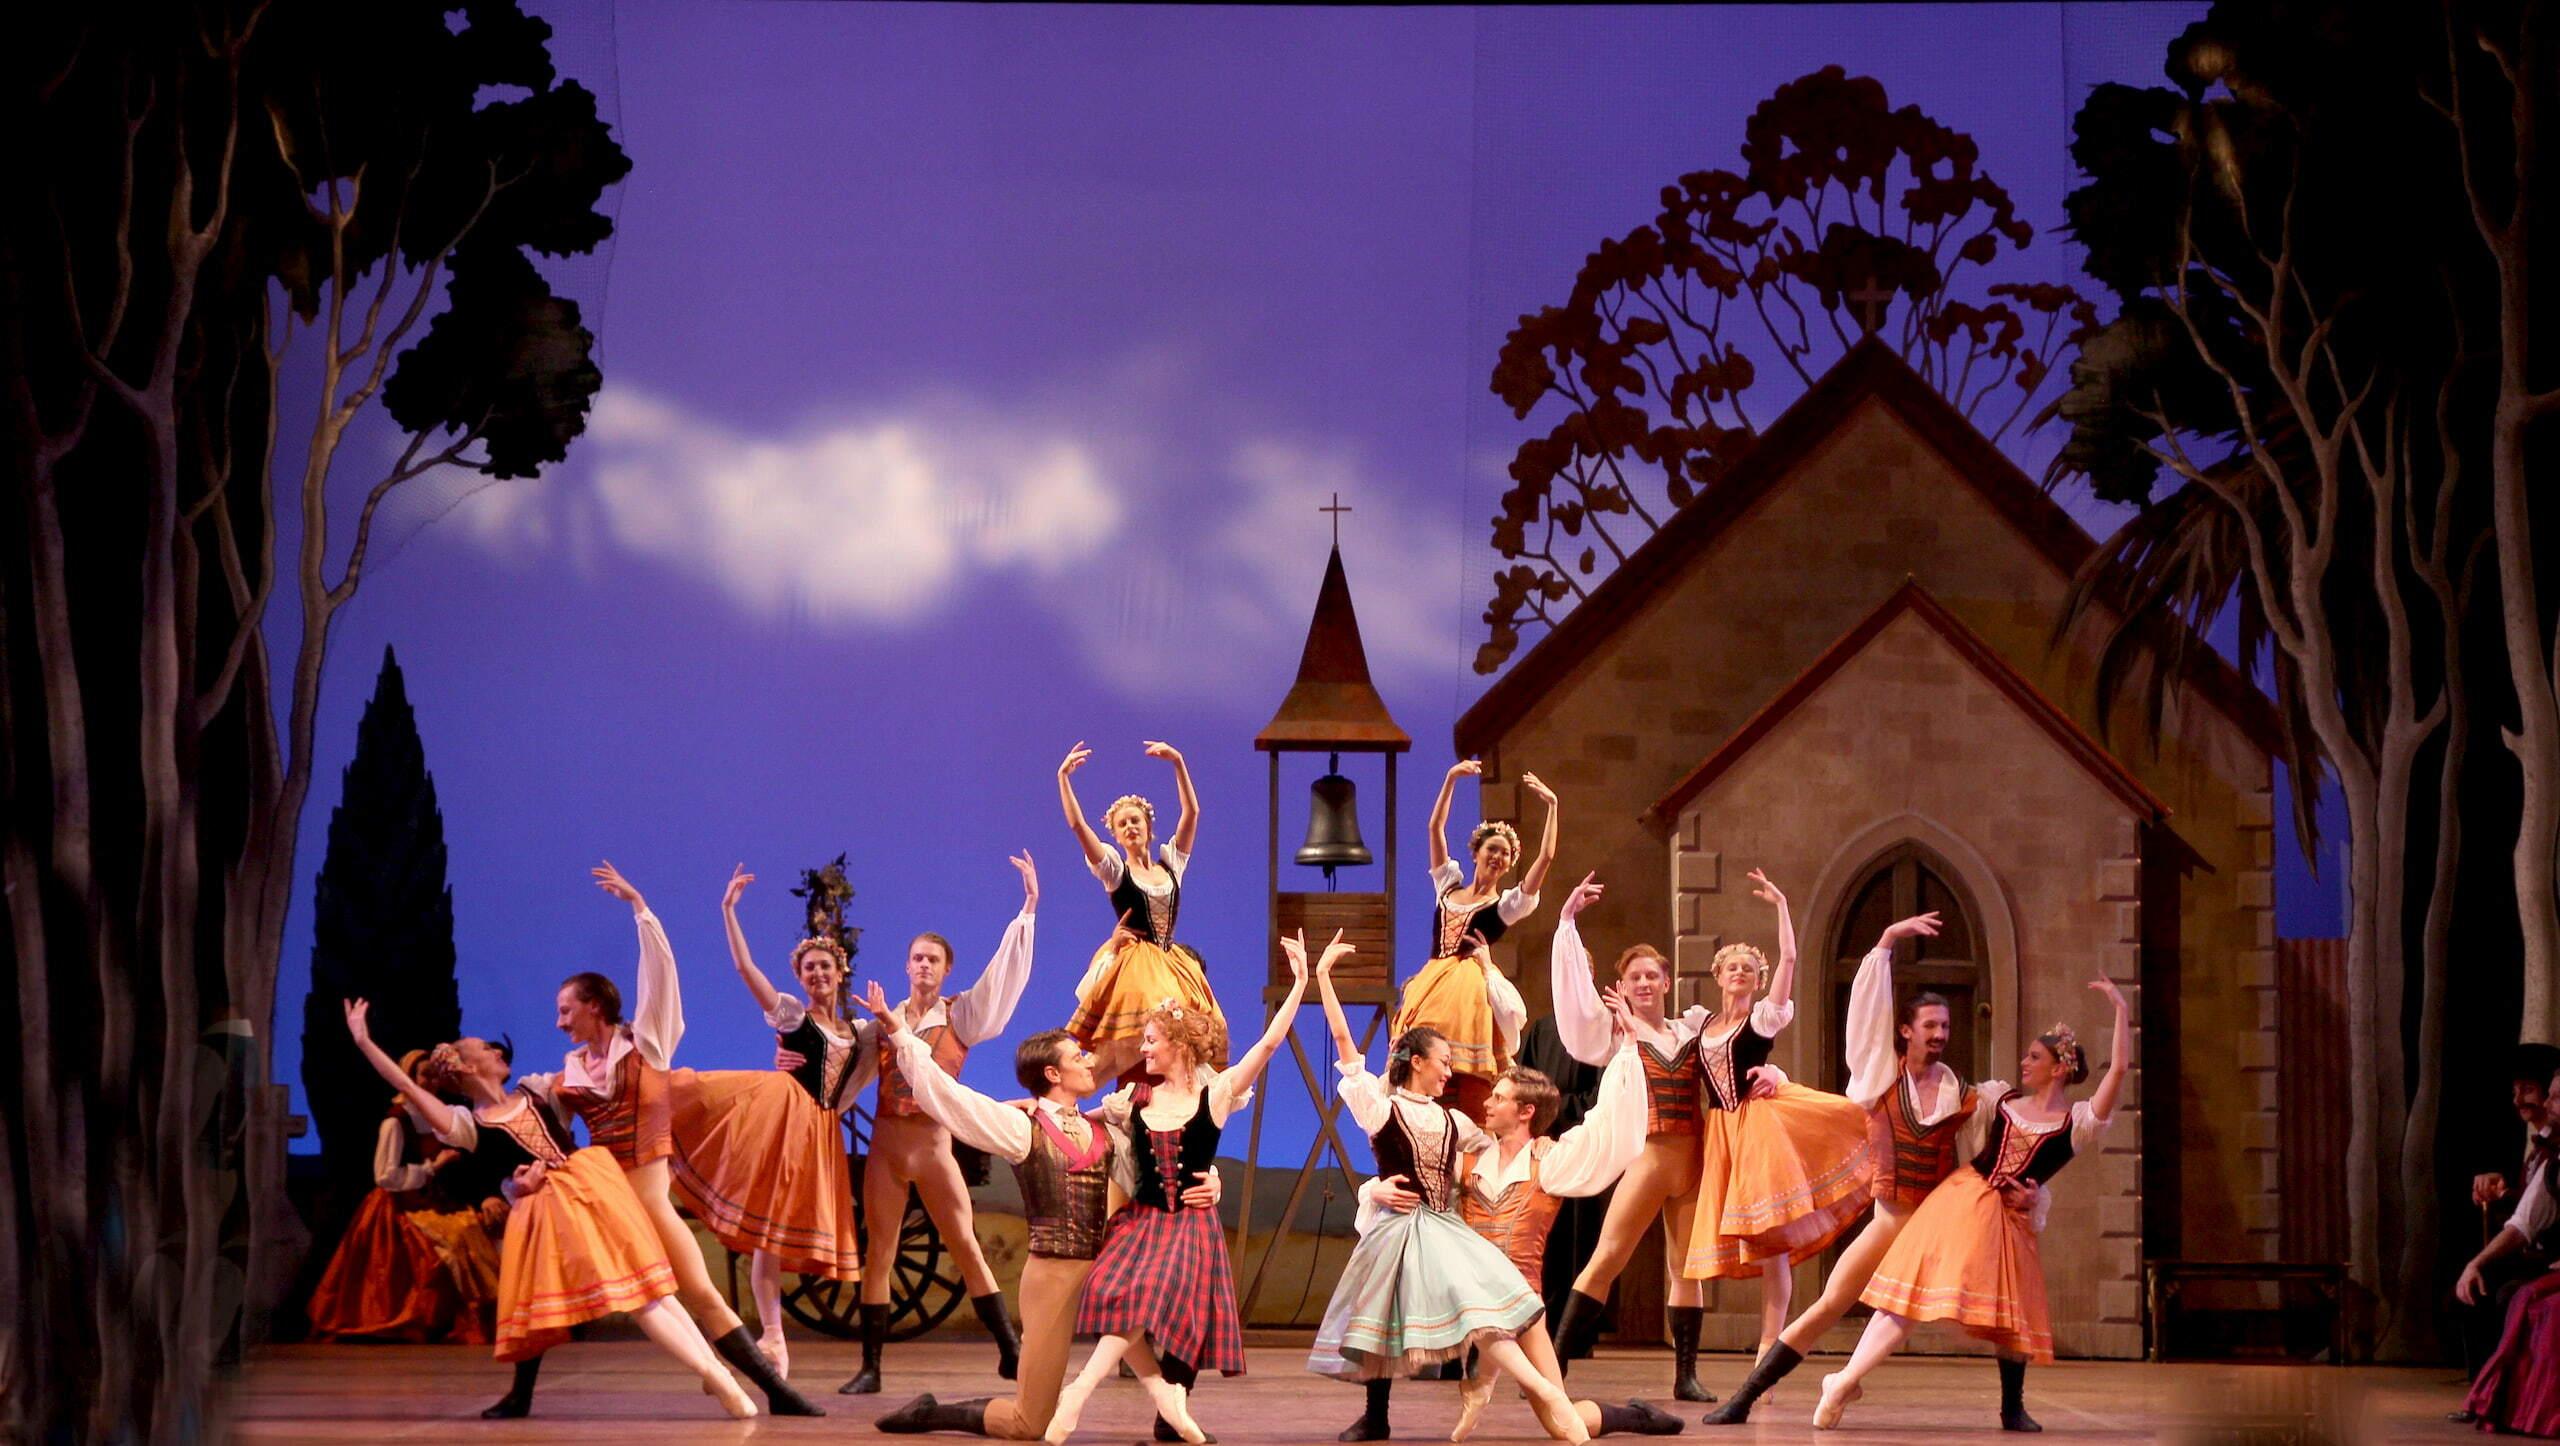 West Australian Ballet dancers in Coppelia. Photo by Emma Fishwick.